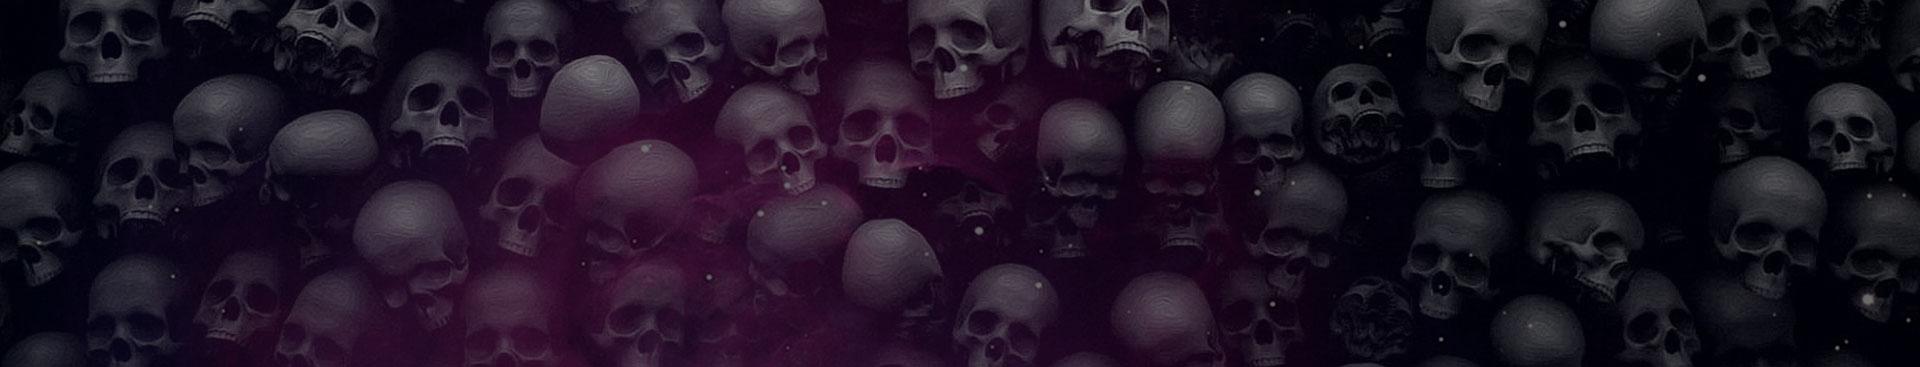 Crystal Skulls Australia